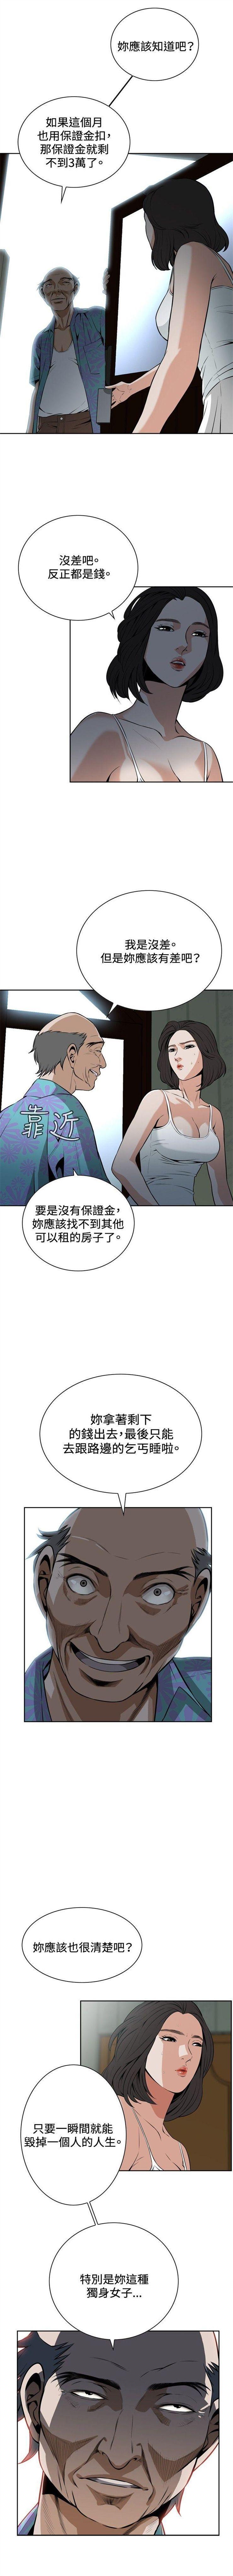 偷窥  0-10 中文翻译 (更新中) 75